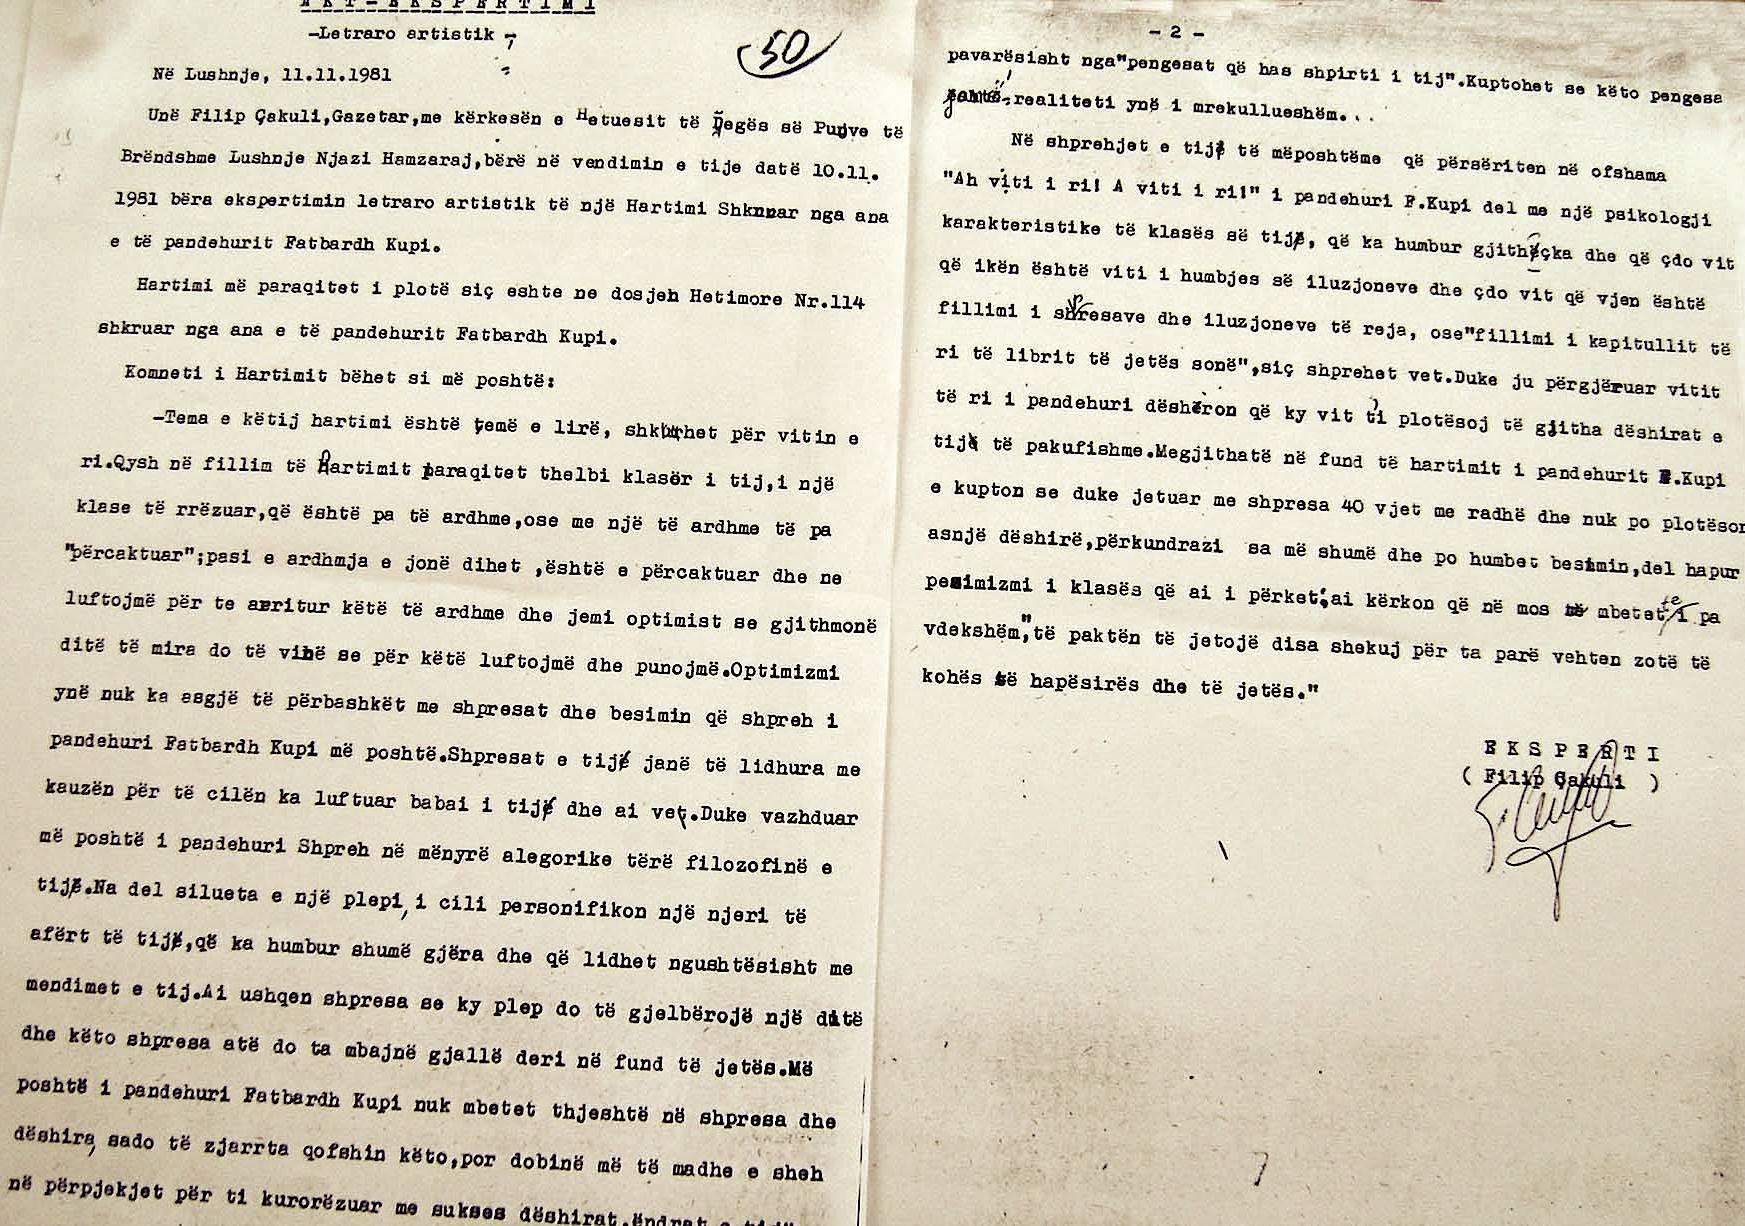 Akt-ekspertiza e Filip Çakulit 1981